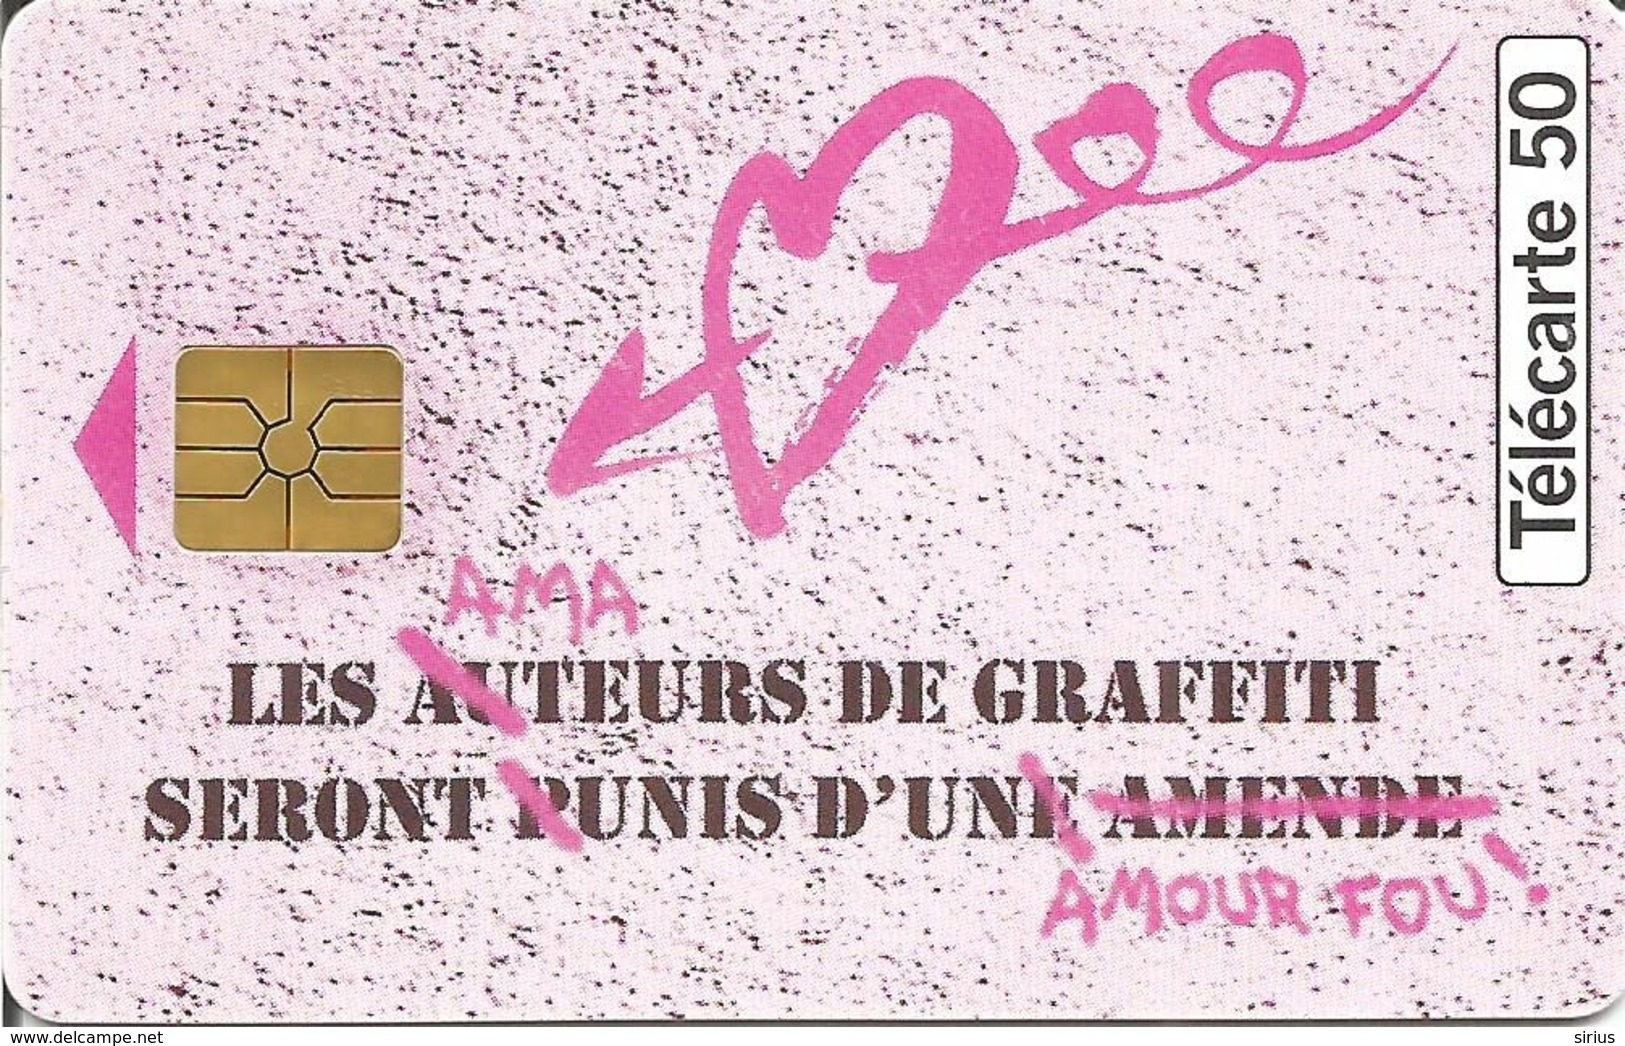 Télécarte AMOUR FOU - PARFUM GRAFFITI NAF NAF - 50 U GEM - 09/95 Utilisée N° 568 - Parfum